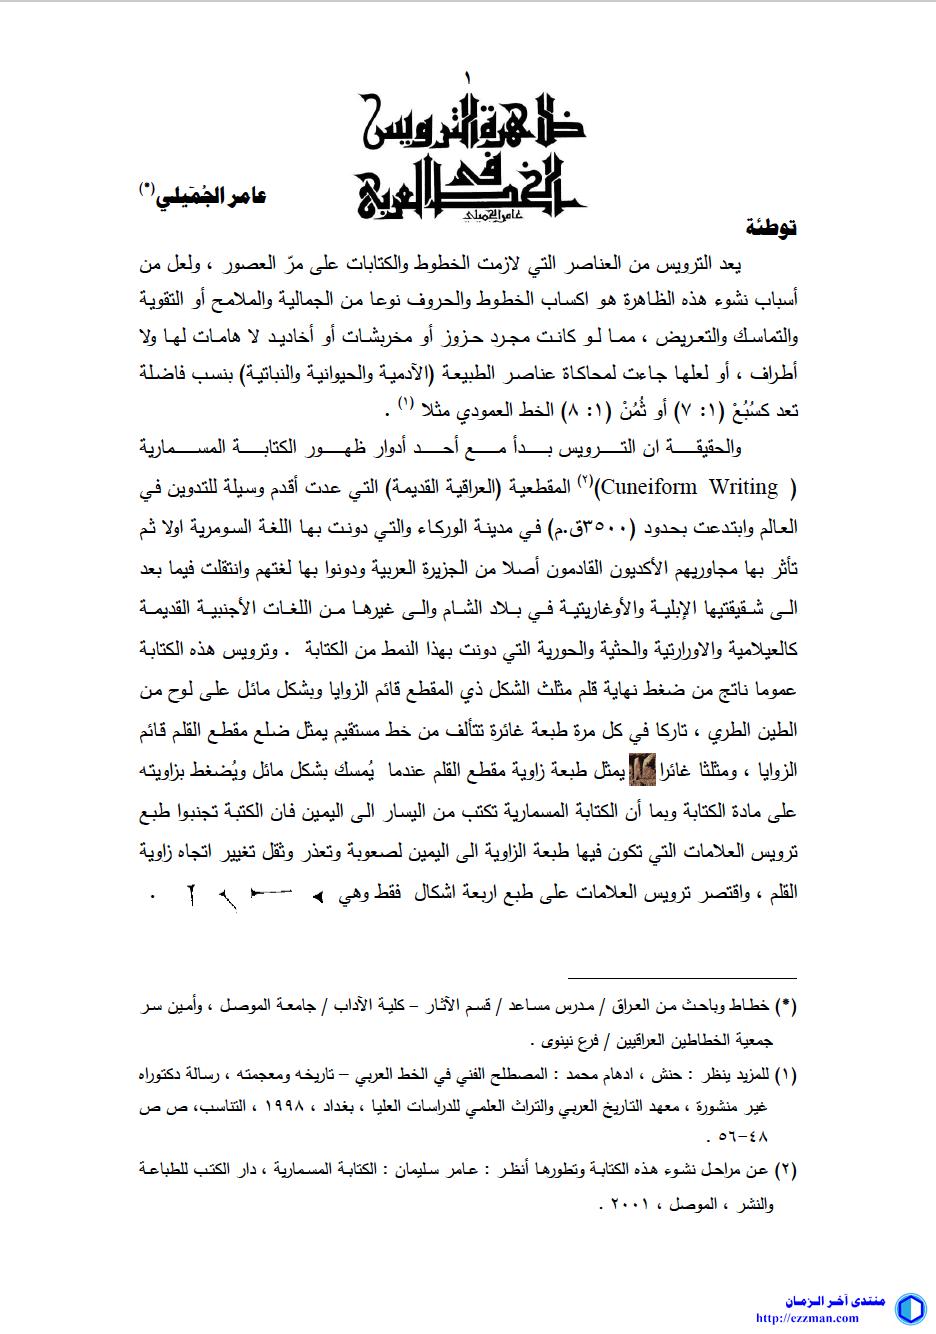 ظاهرة الترويس الخط العربي